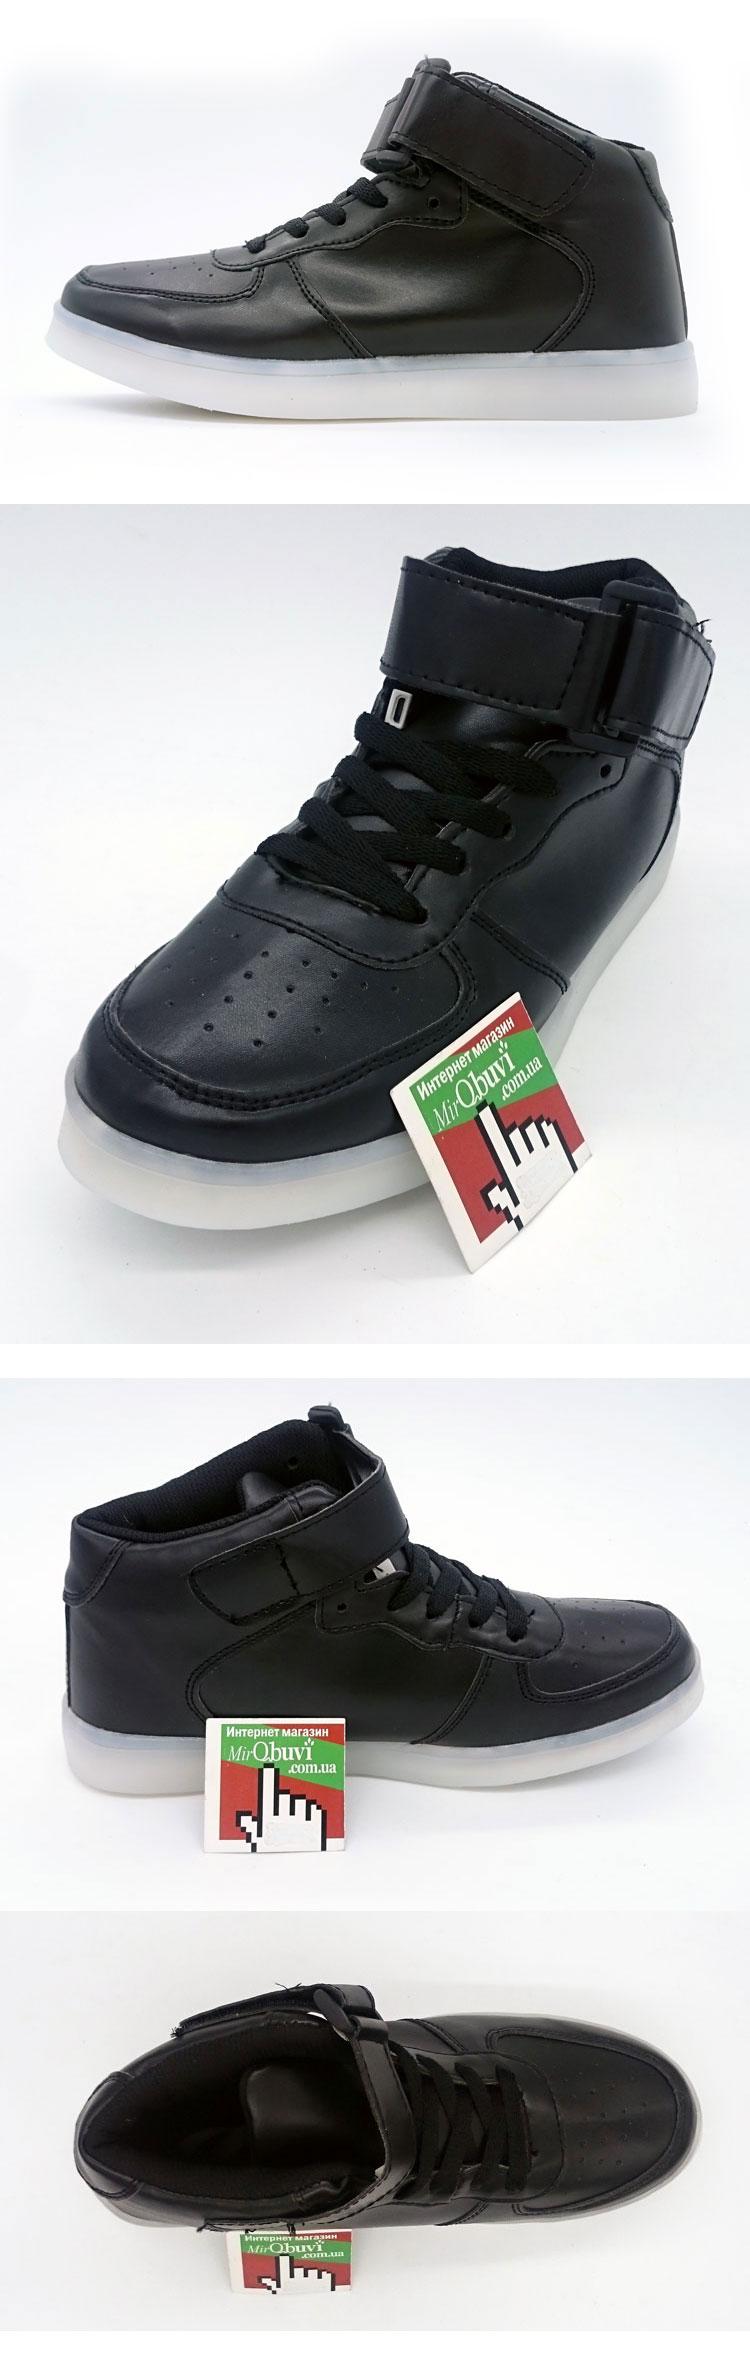 большое фото №5 Светящиеся кроссовки Led черные